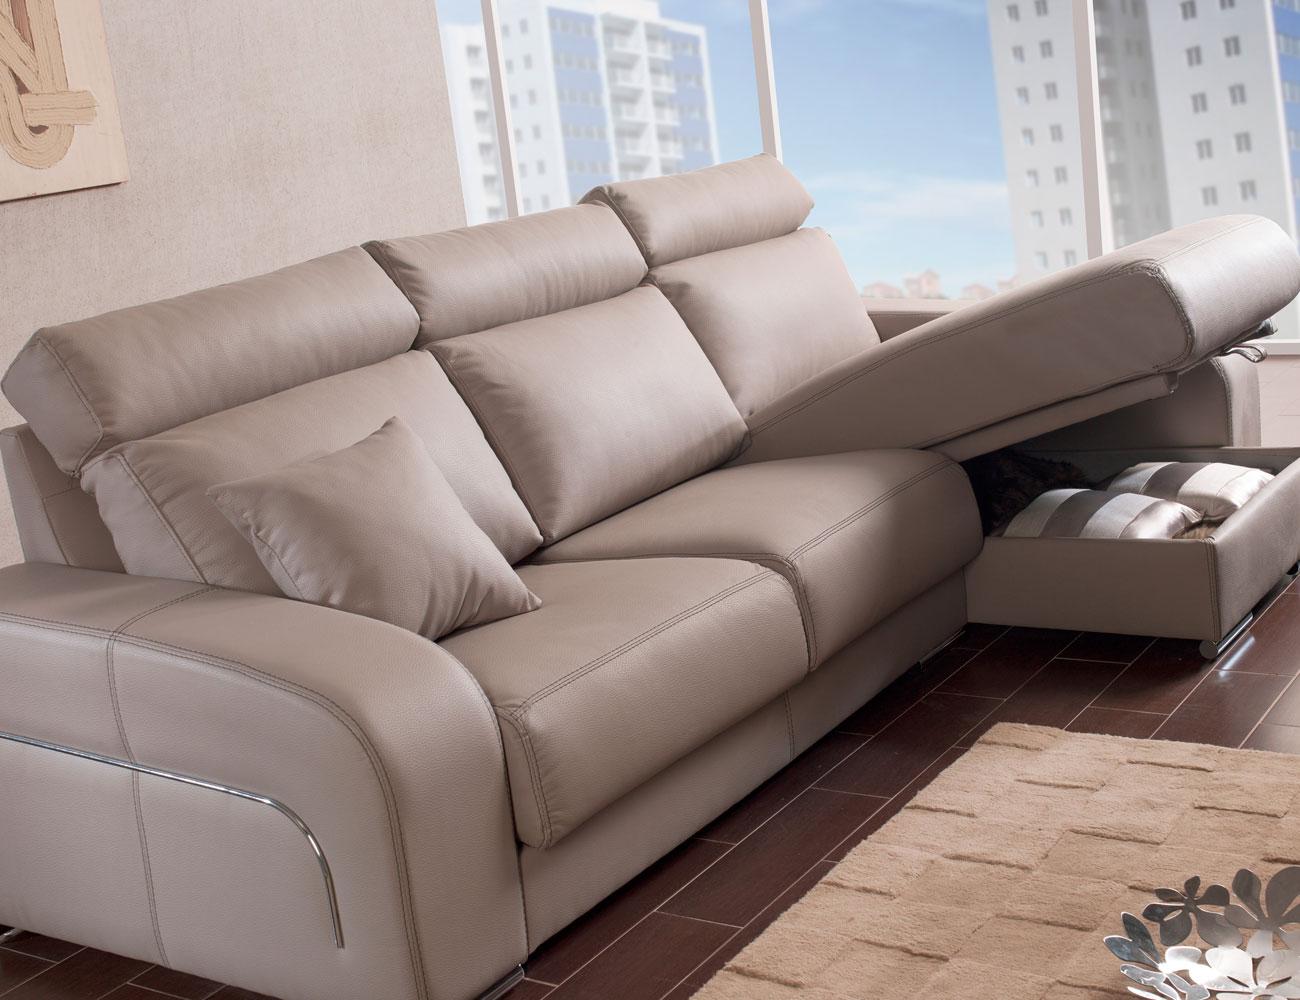 Sofa chaiselongue moderno pared cero arcon32